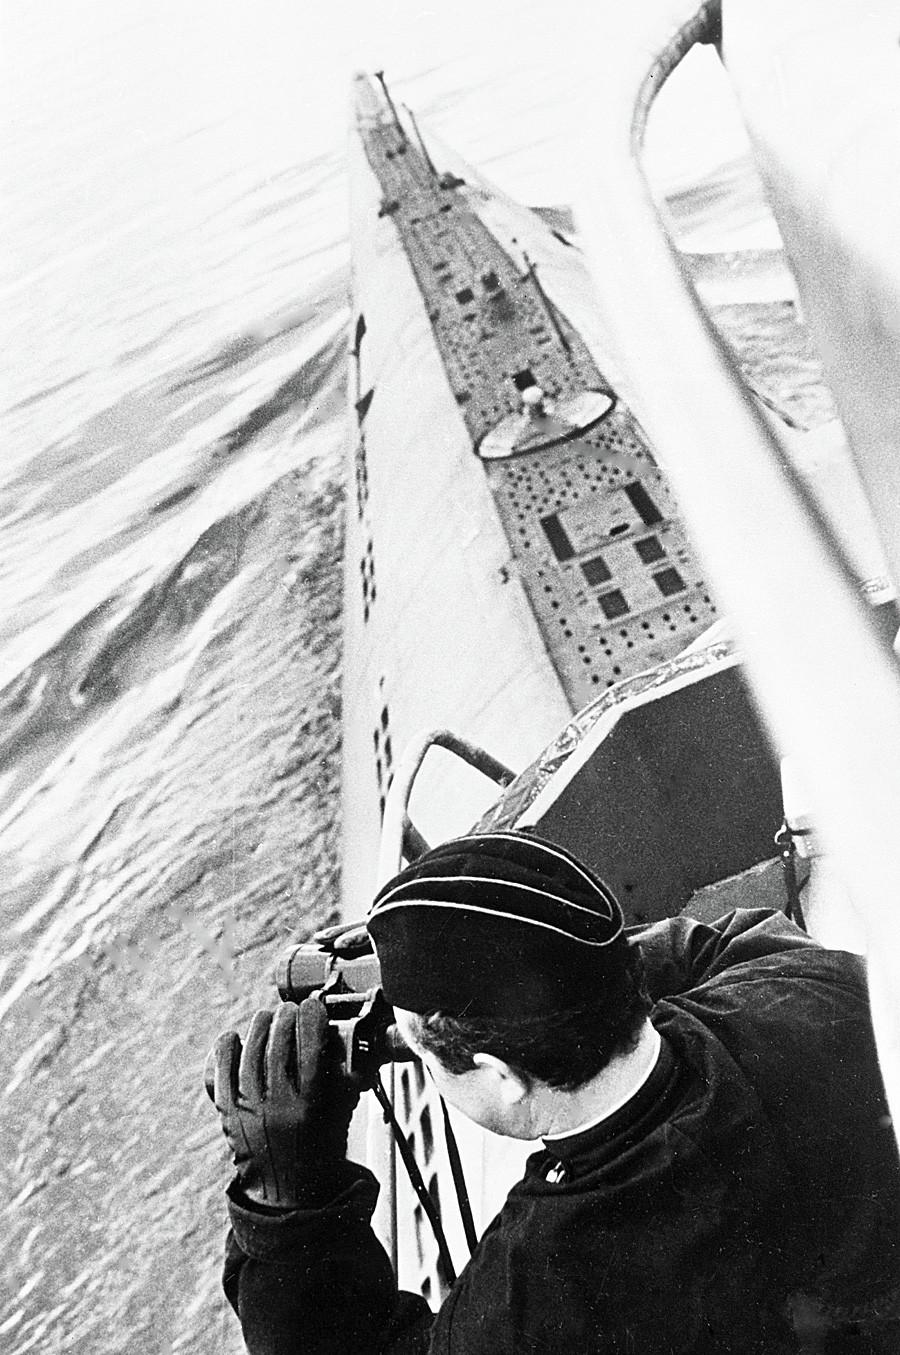 Comandante soviético submarino varre o horizonte através de binóculos em 1968